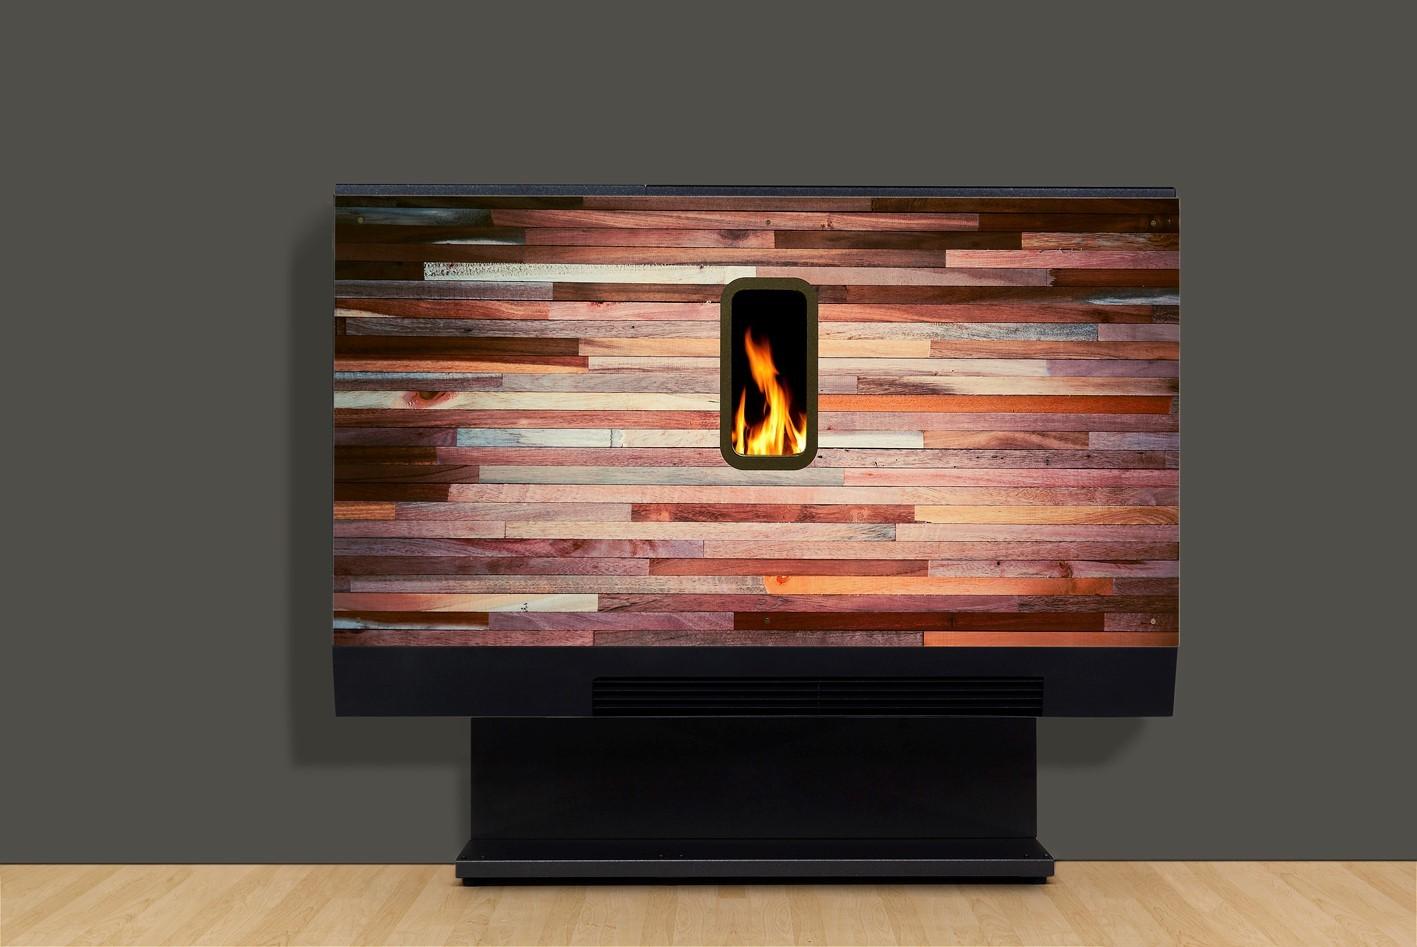 pelletofen 7 9 oder 11 5kw 21cm breit 36db rauchgas hinten oder. Black Bedroom Furniture Sets. Home Design Ideas